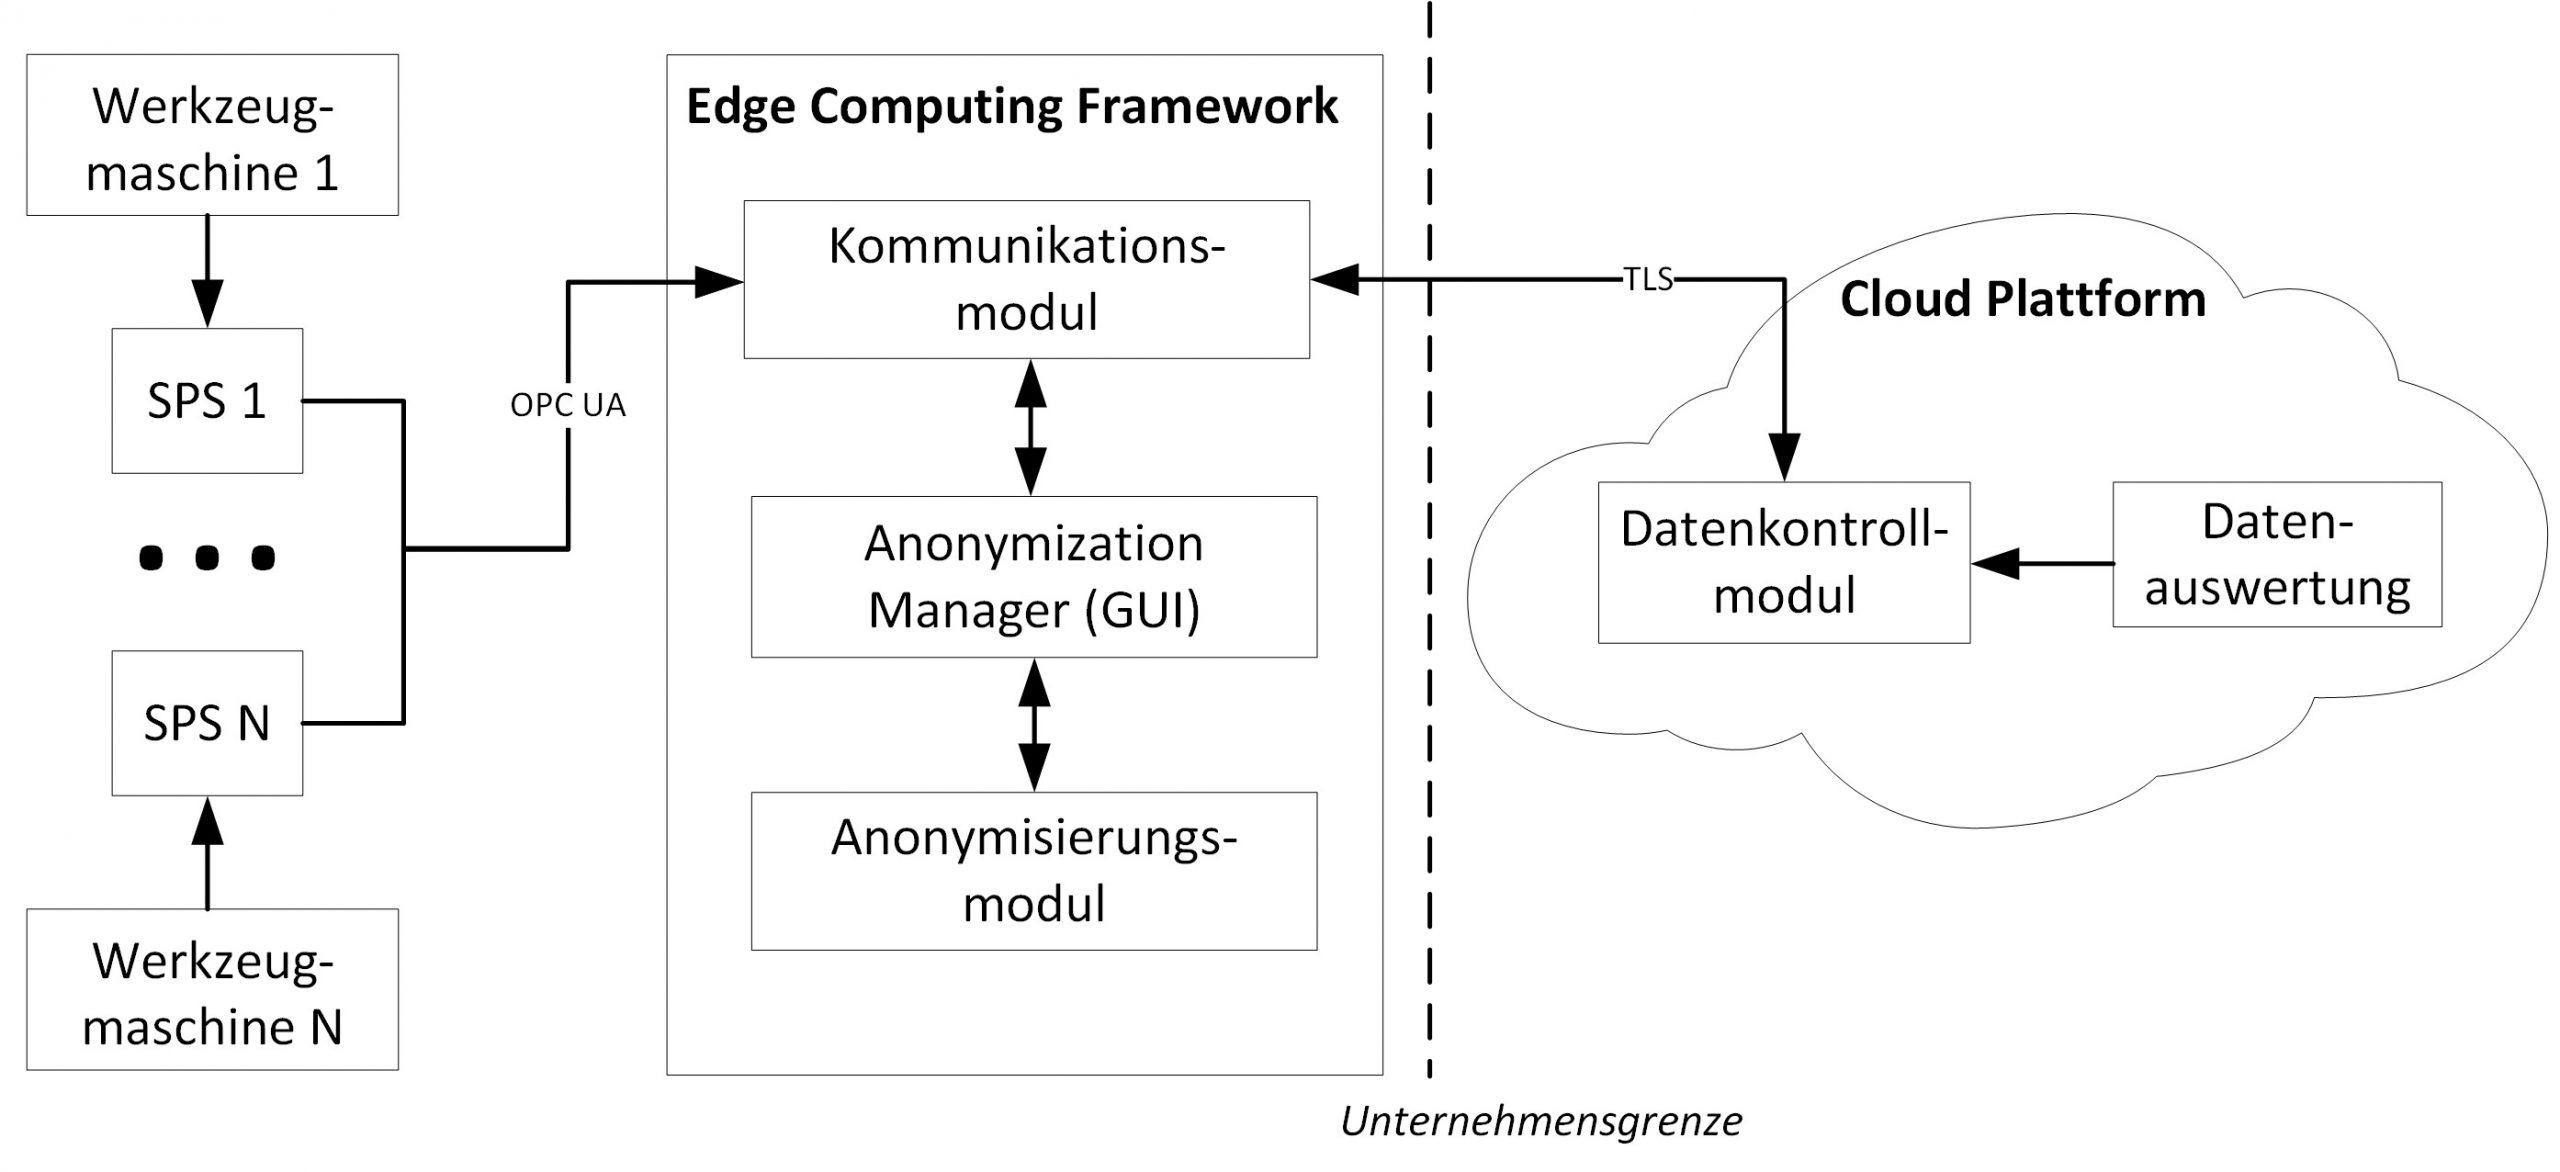 Die einzelnen Komponenten der Systemarchitektur mit den von ihnen durchgeführten Funktionen. (Bild: Fraunhofer AISEC)